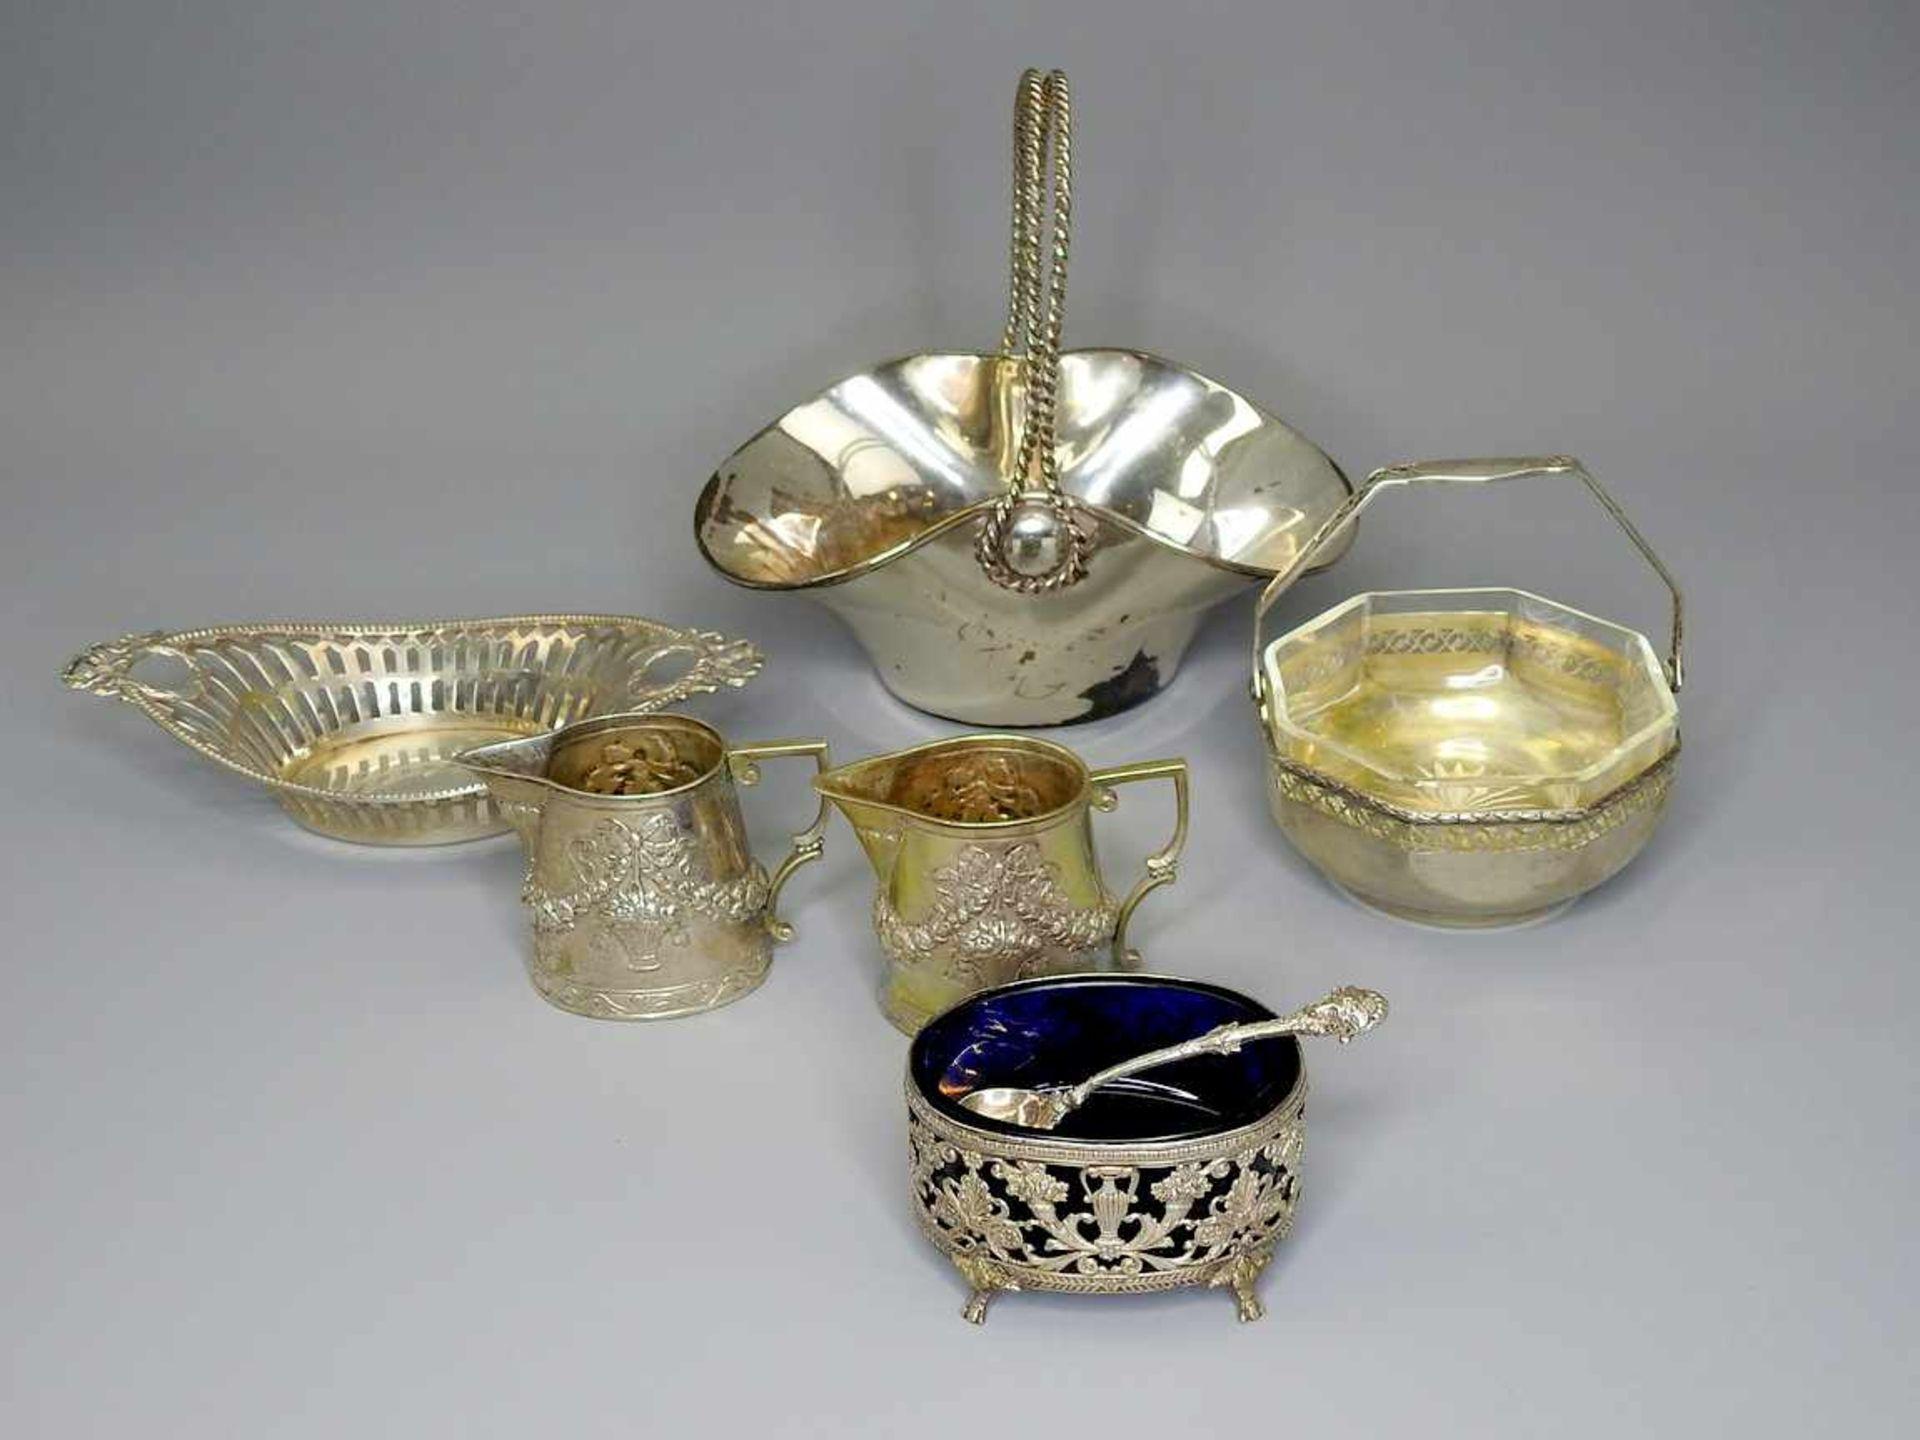 Los 50 - Konvolut von Silberschälchen und -KännchenSilber 800 und Sterling Silber 925, jeweils am Boden mit